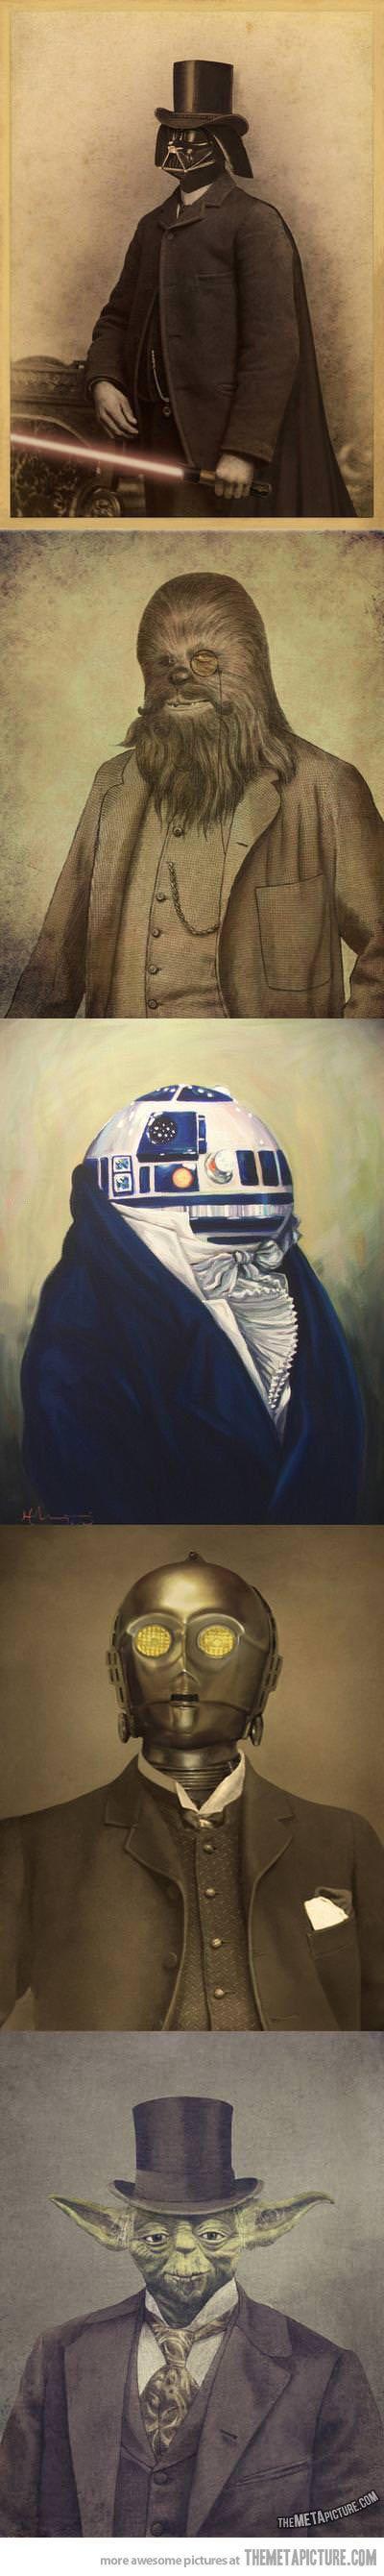 Star Wars like a sir…